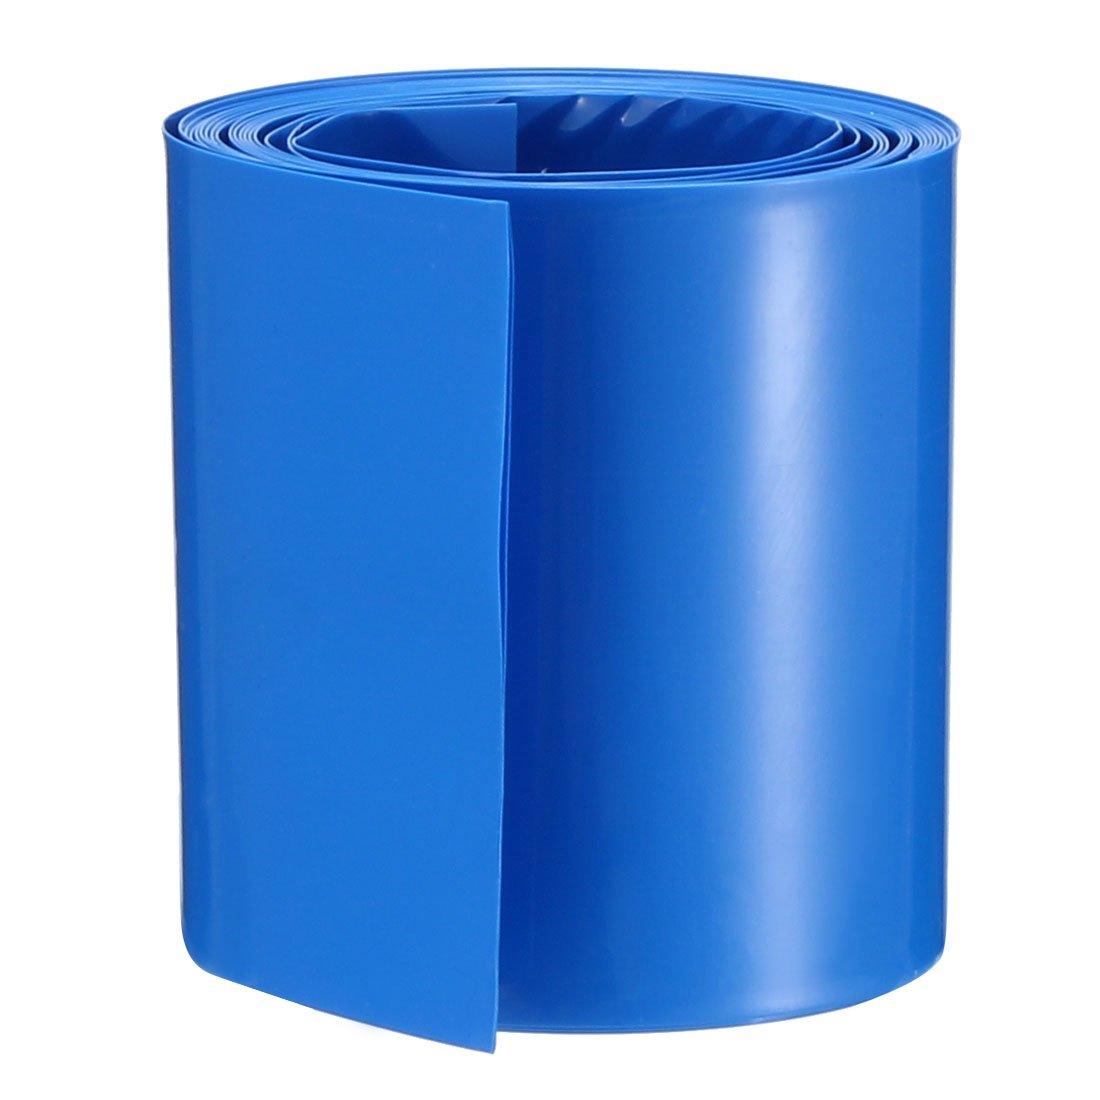 10mm-1.00 Hard-to-Find Fastener 014973278366 Jam Nuts Piece-8